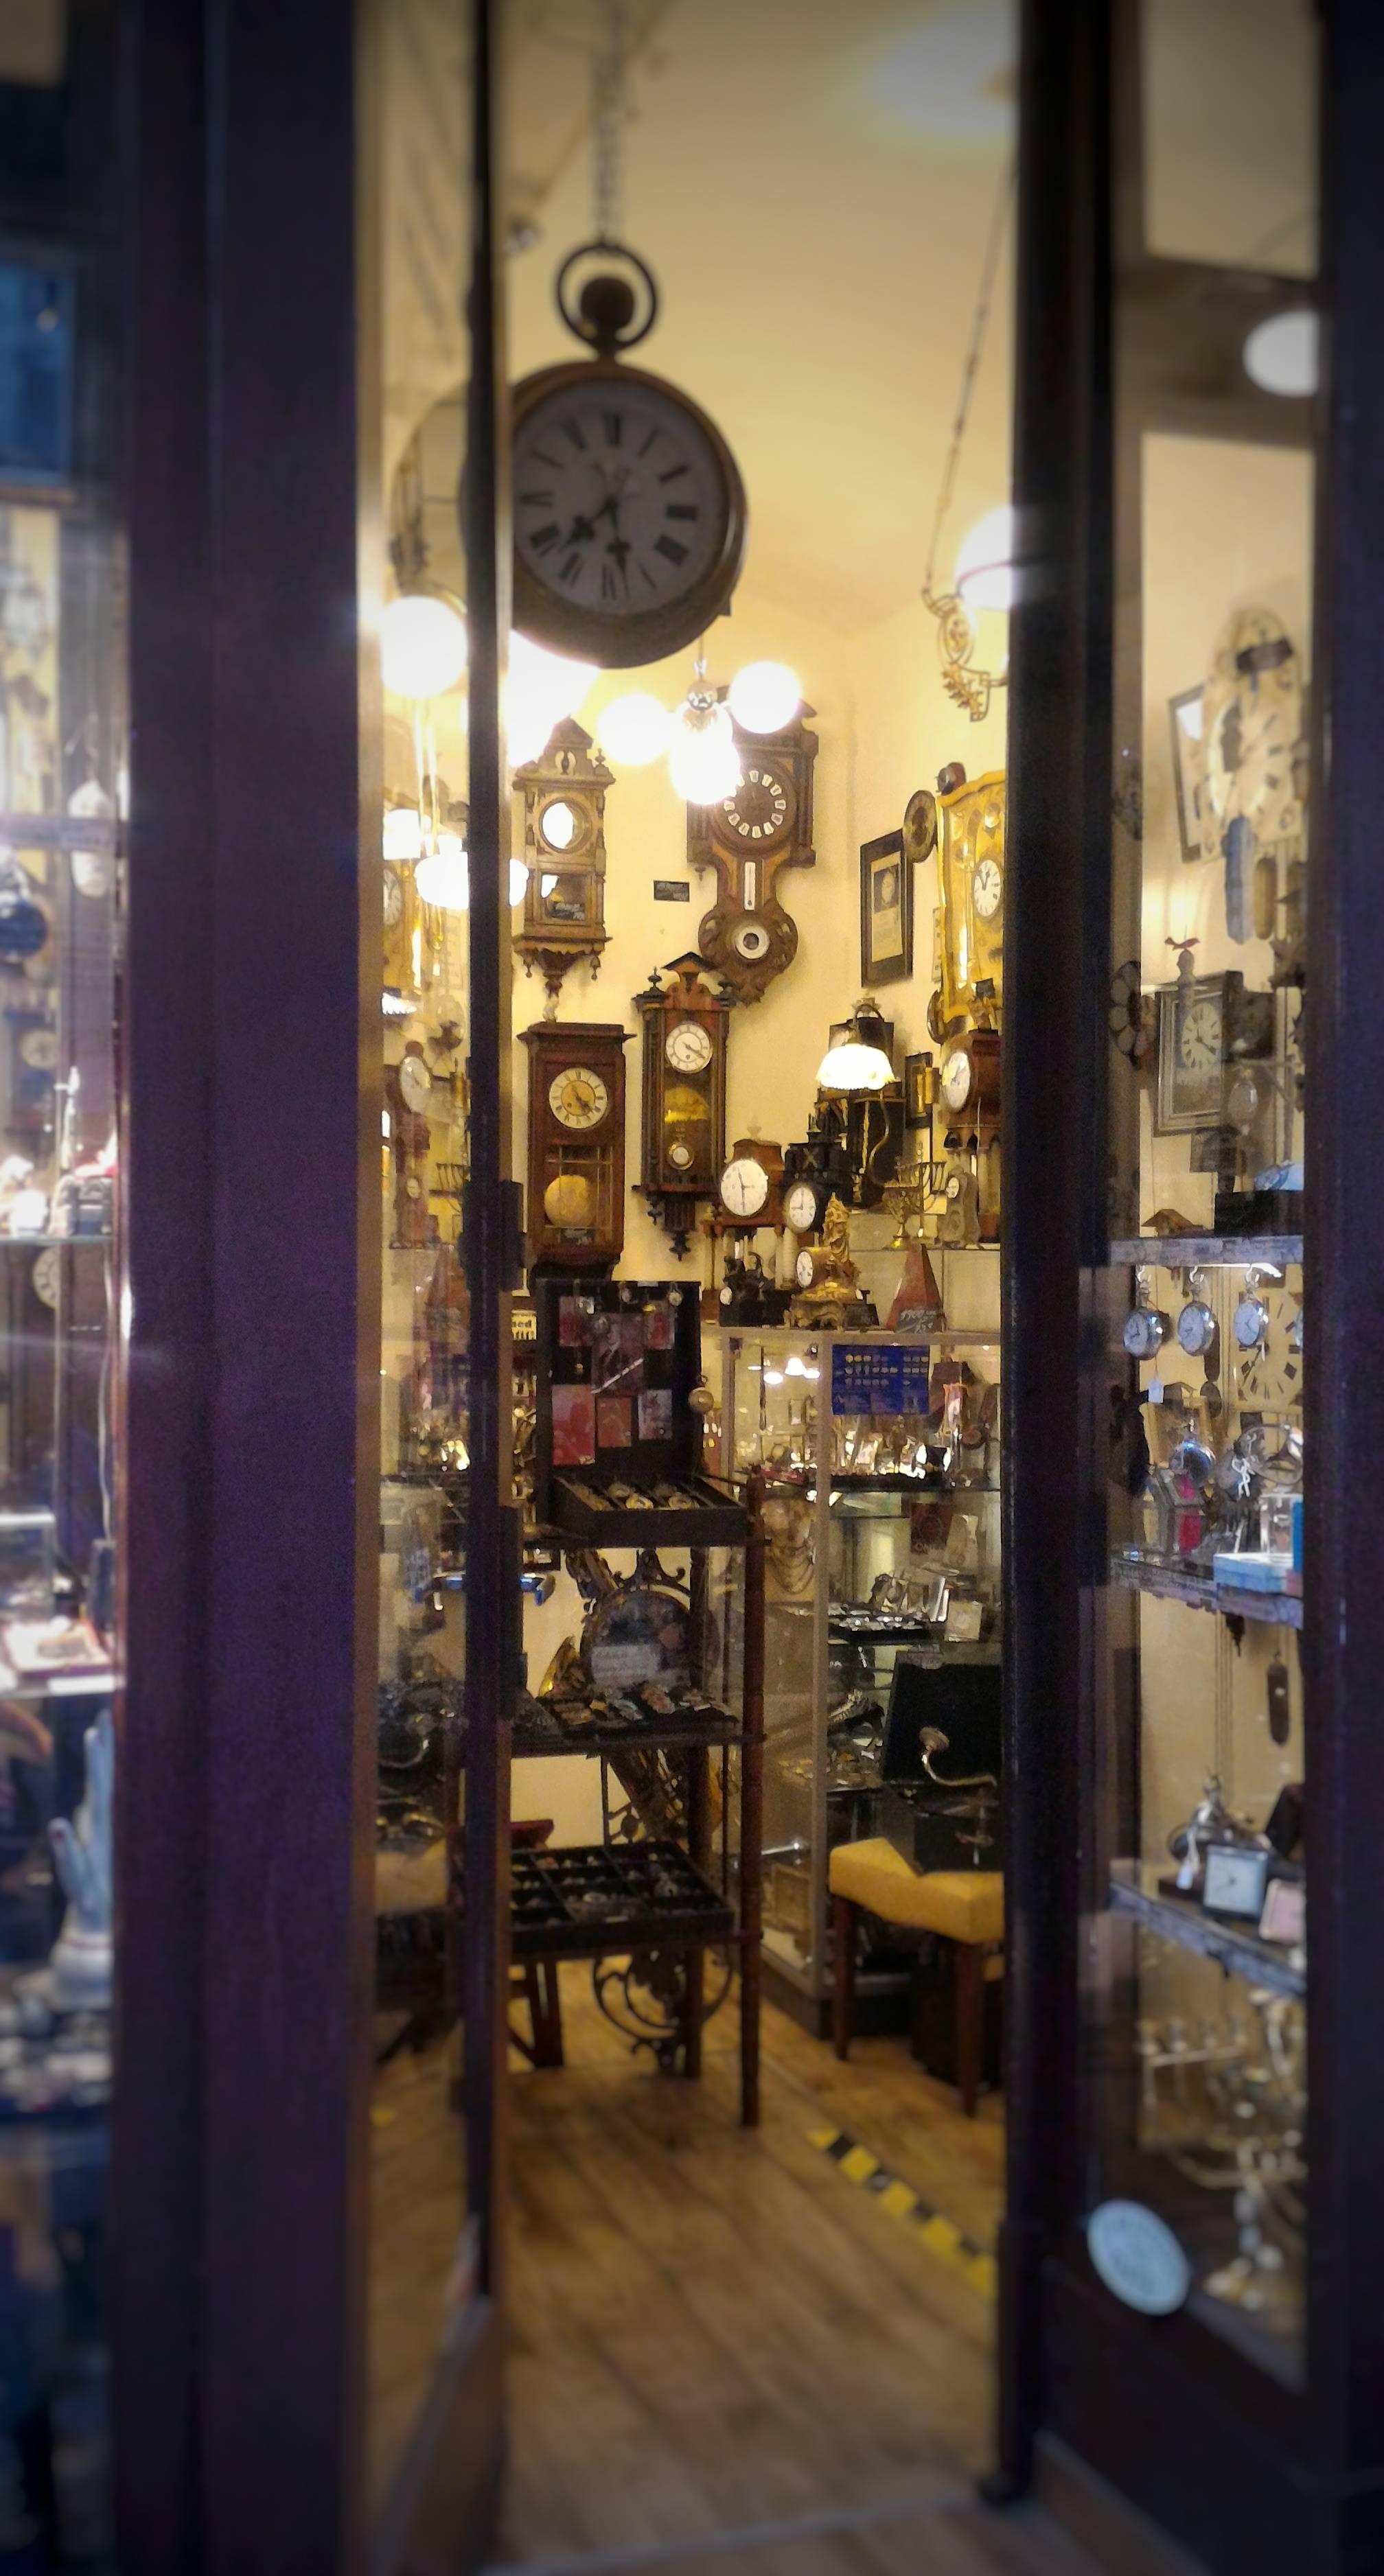 Photo 2: Boutique remplie de montres